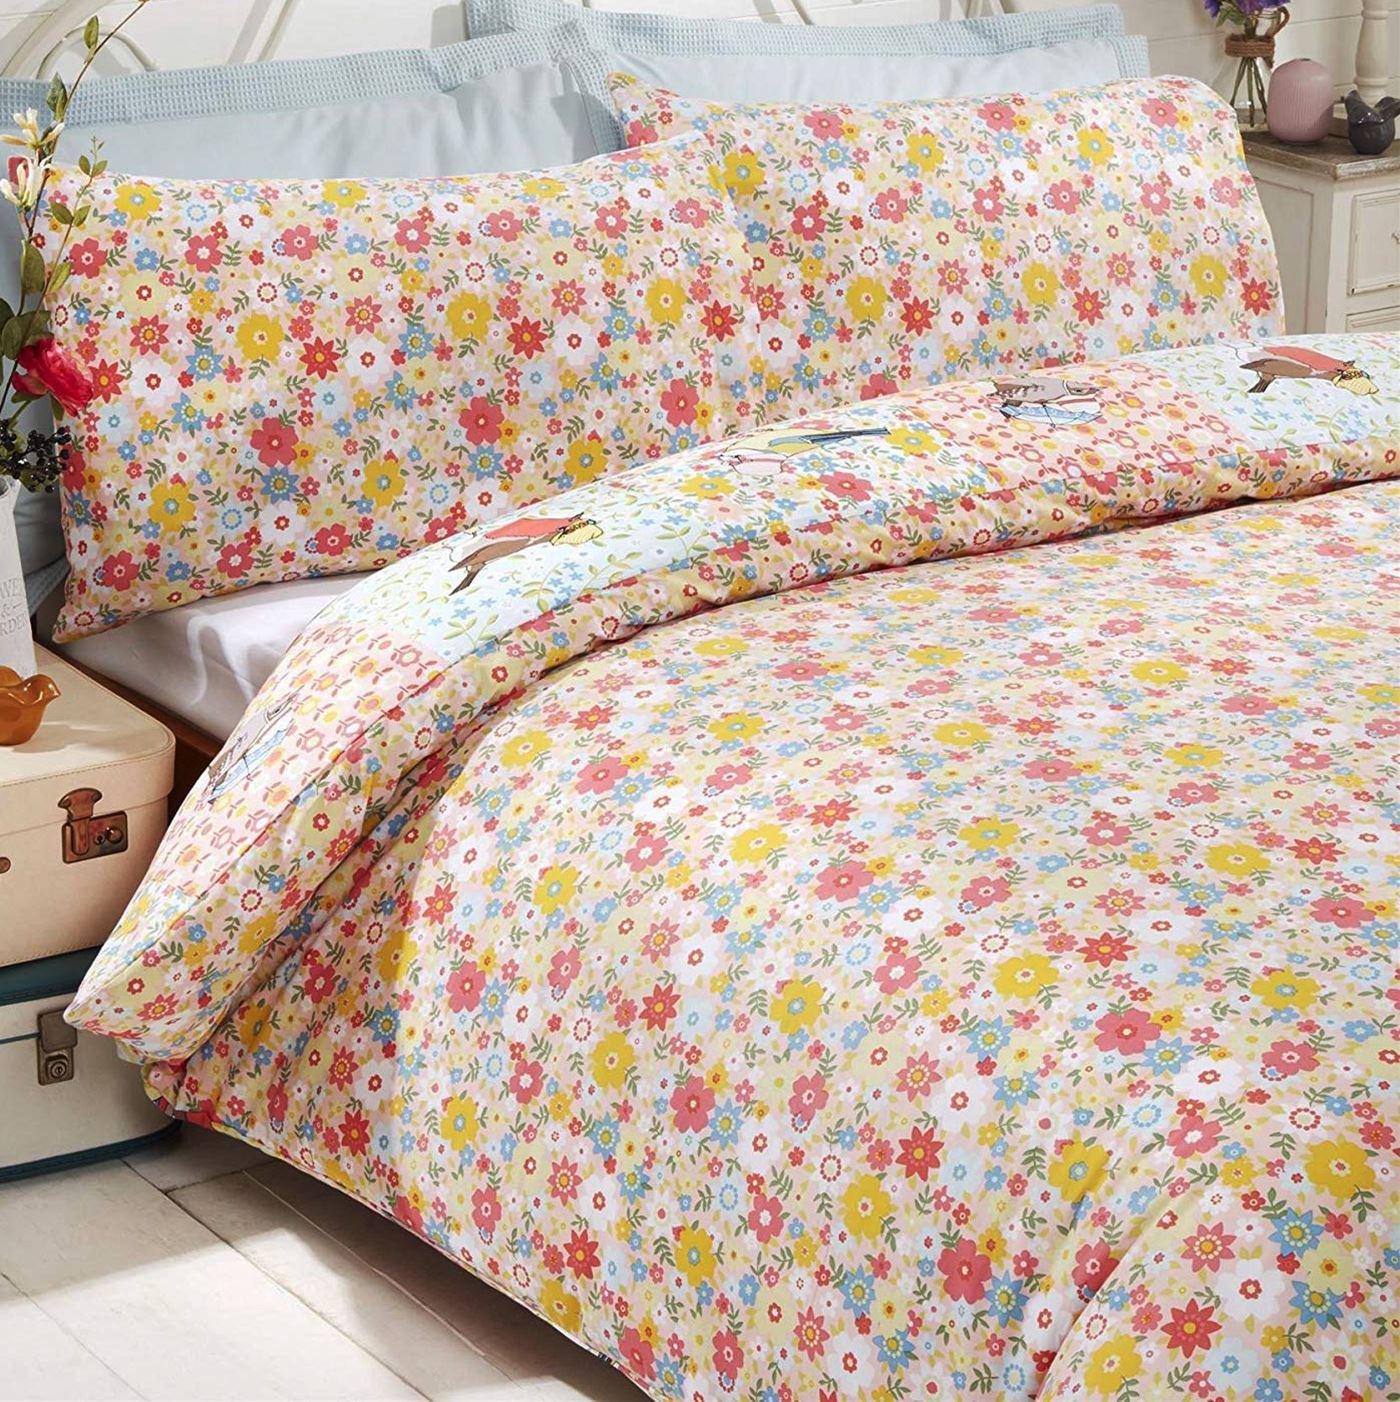 simple double king size set housse de couette literie licorne oiseaux floral ebay. Black Bedroom Furniture Sets. Home Design Ideas